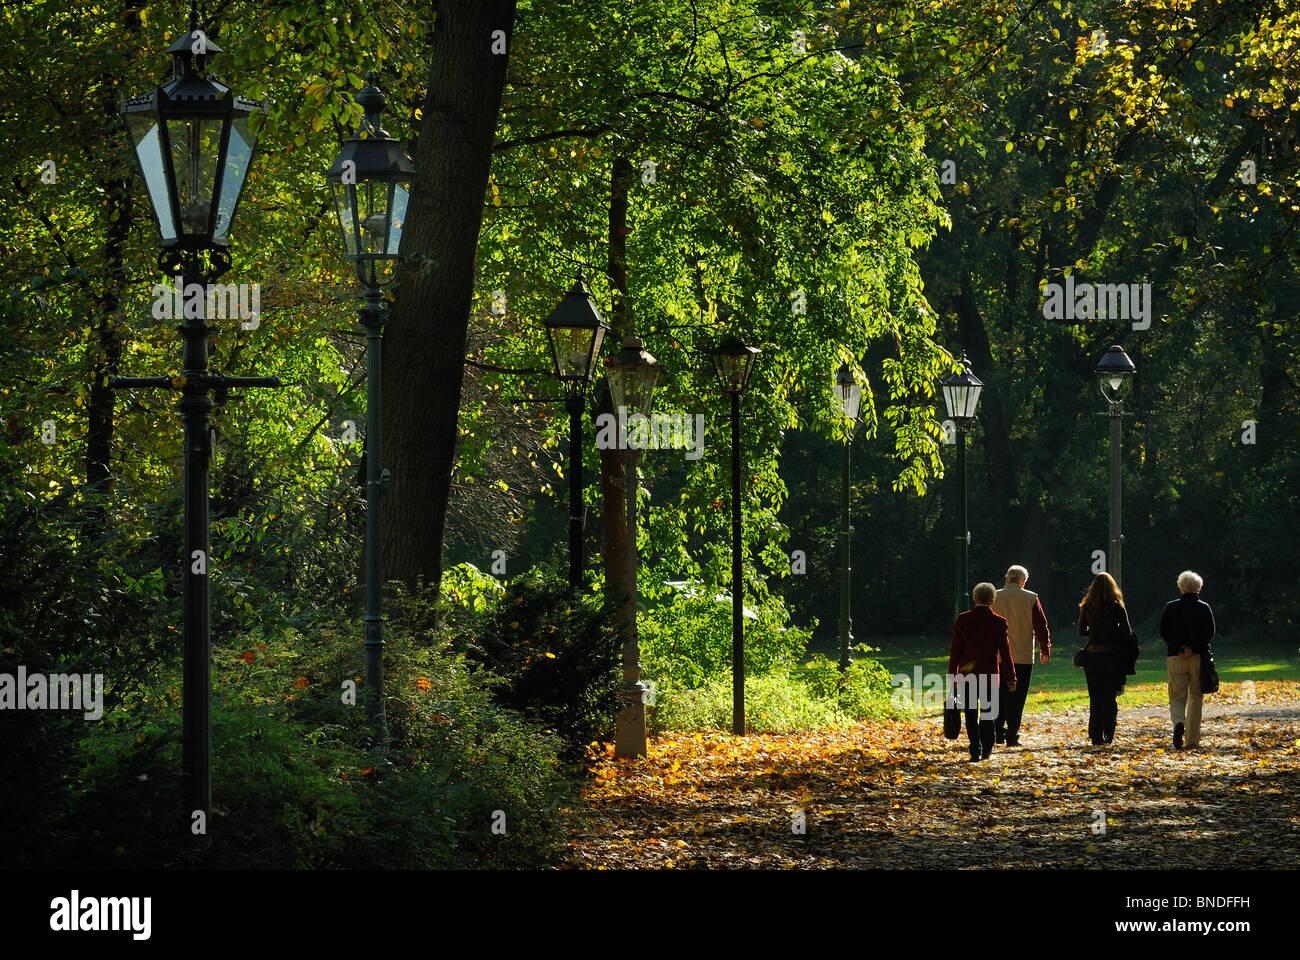 Grosser Tiergarten, museum of old lanterns, Berlin Tiergarten, Berlin, Germany, Europe. - Stock Image